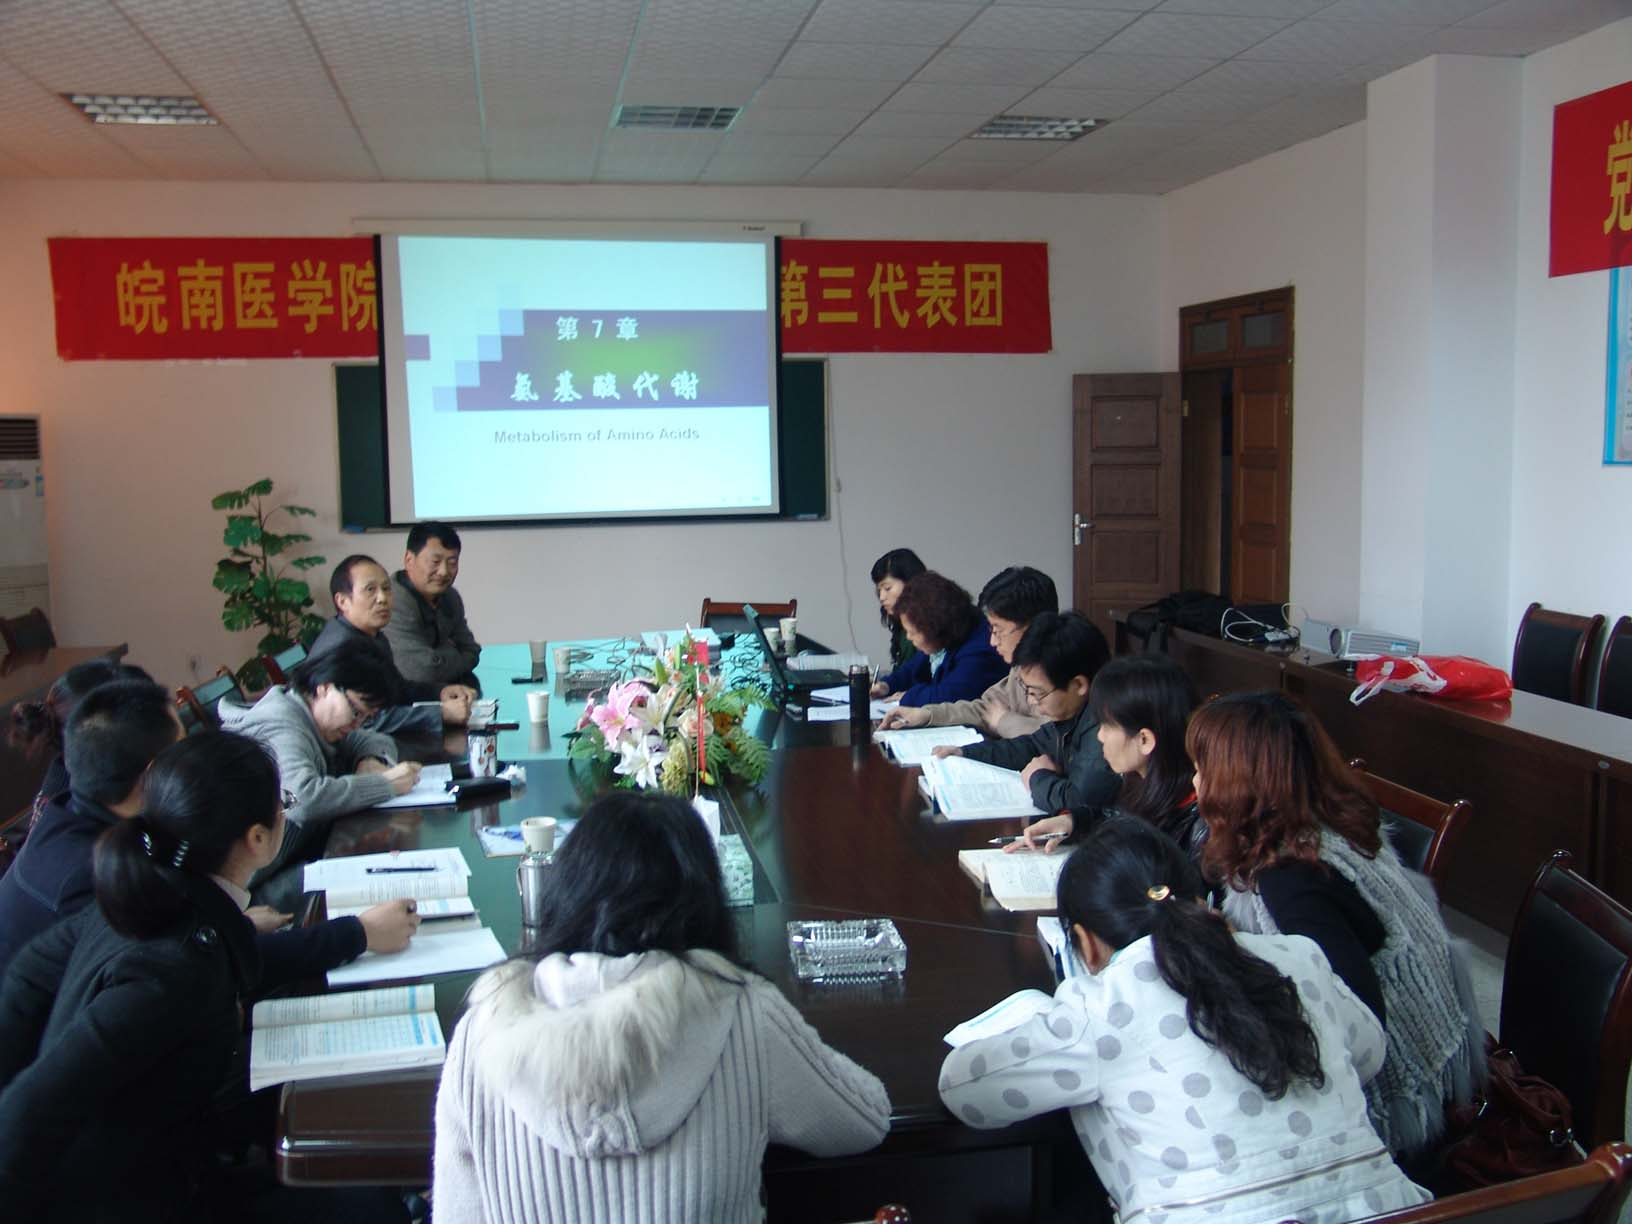 基础部开展教研室边寨备课v边寨欣赏课北京喜讯到集体说课稿图片